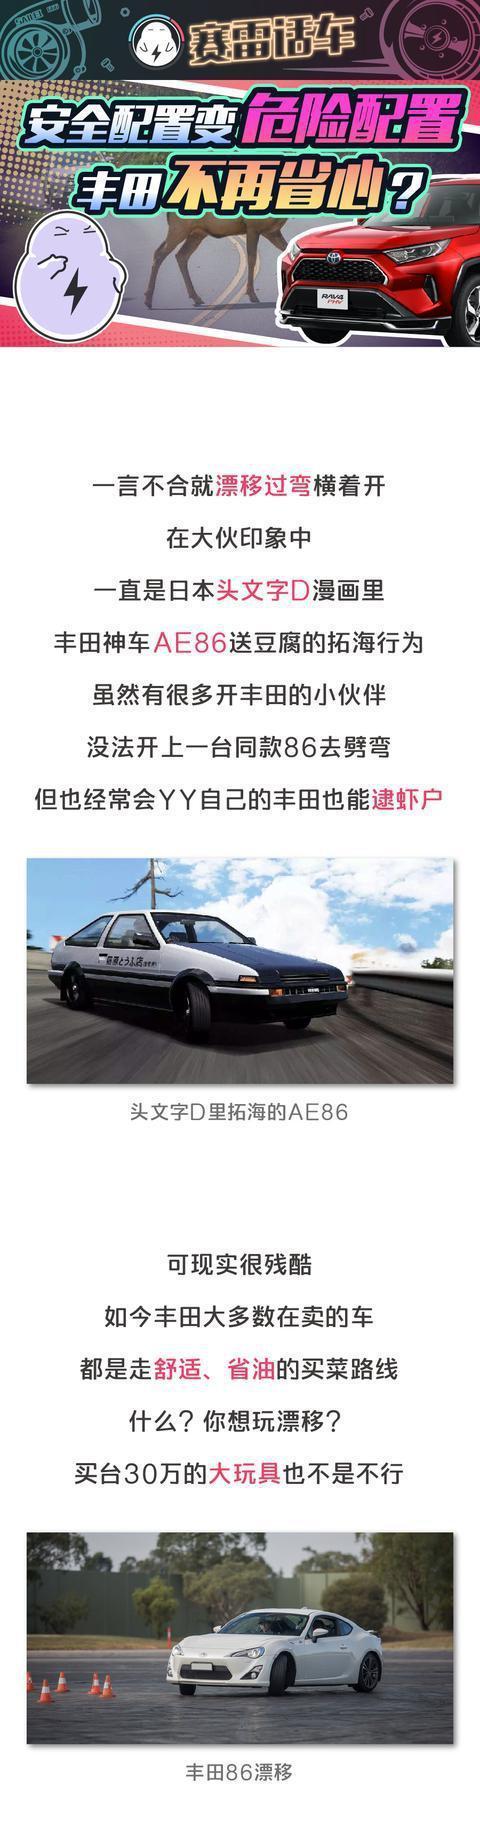 車身穩定系統不穩定,豐田麋鹿測試表現不佳